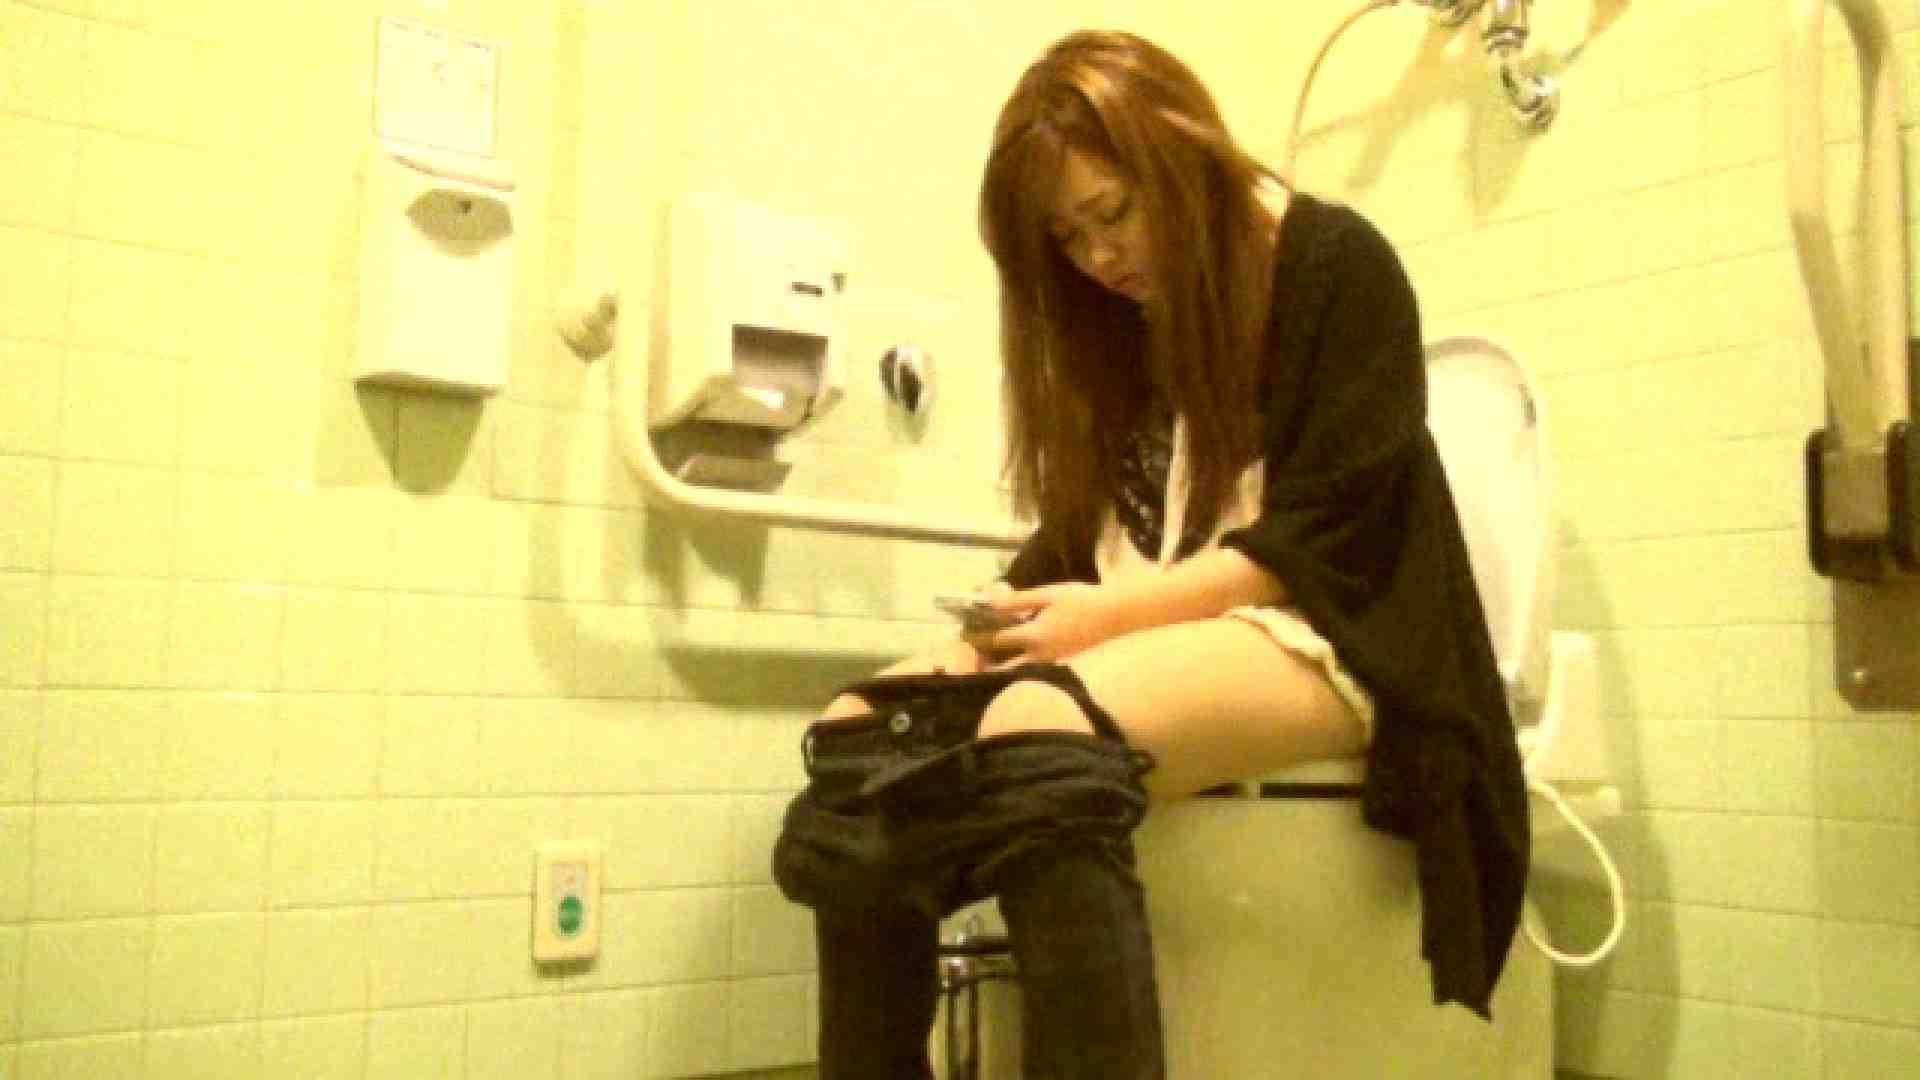 魔術師の お・も・て・な・し vol.26 19歳のバーの店員さんの洗面所をしばし… 洗面所 隠し撮りおまんこ動画流出 90pic 35